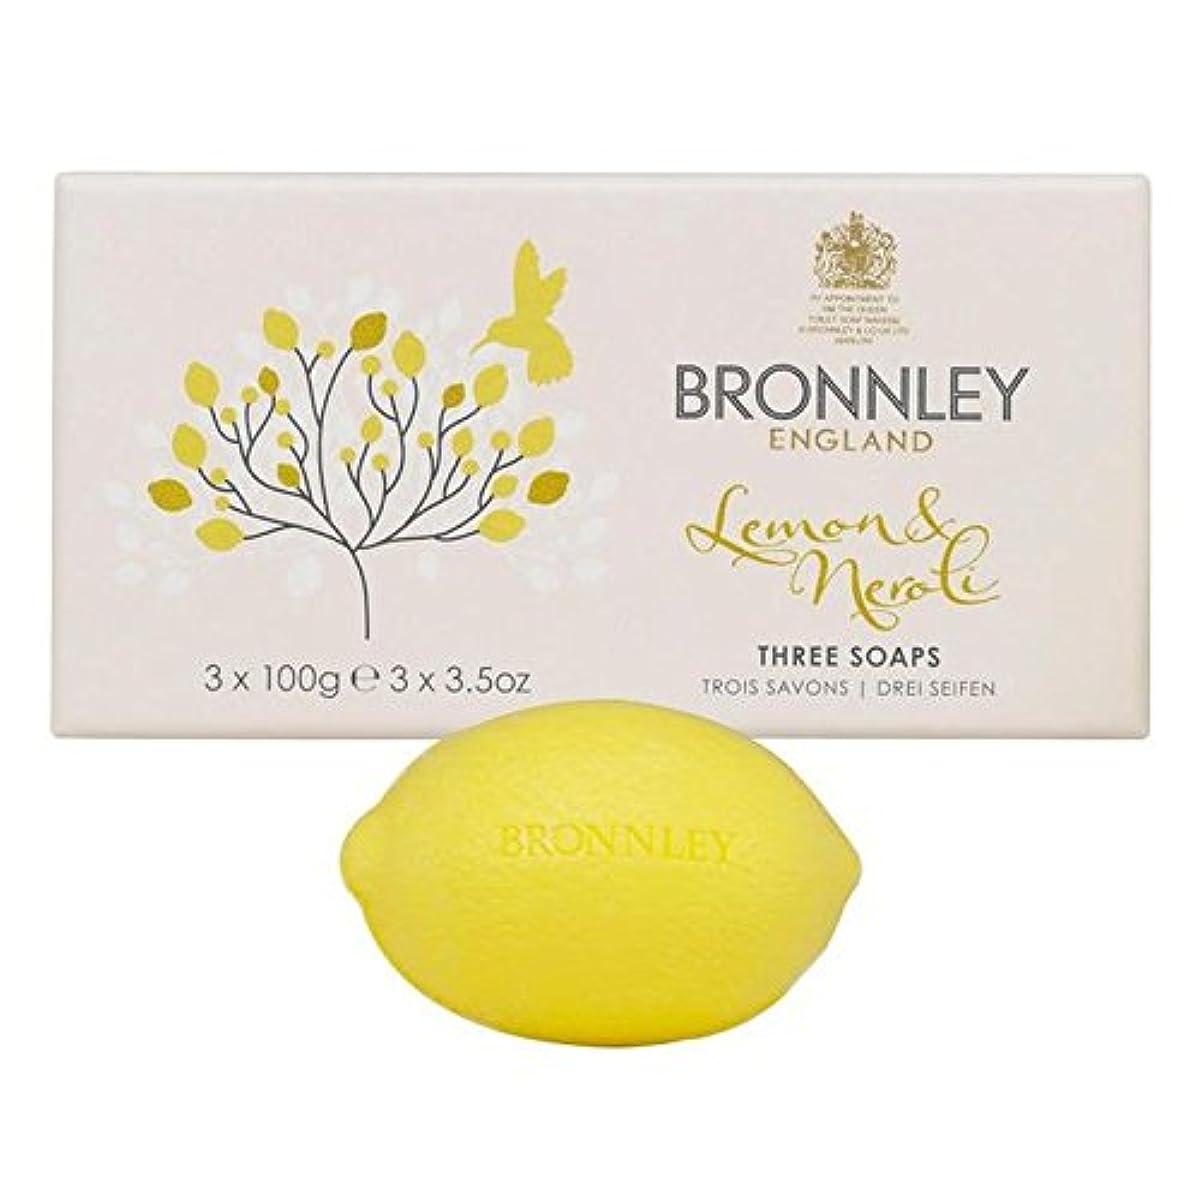 言語スポーツマンデモンストレーションBronnley Lemon & Neroli Soaps 3 x 100g - レモン&ネロリ石鹸3×100グラム [並行輸入品]